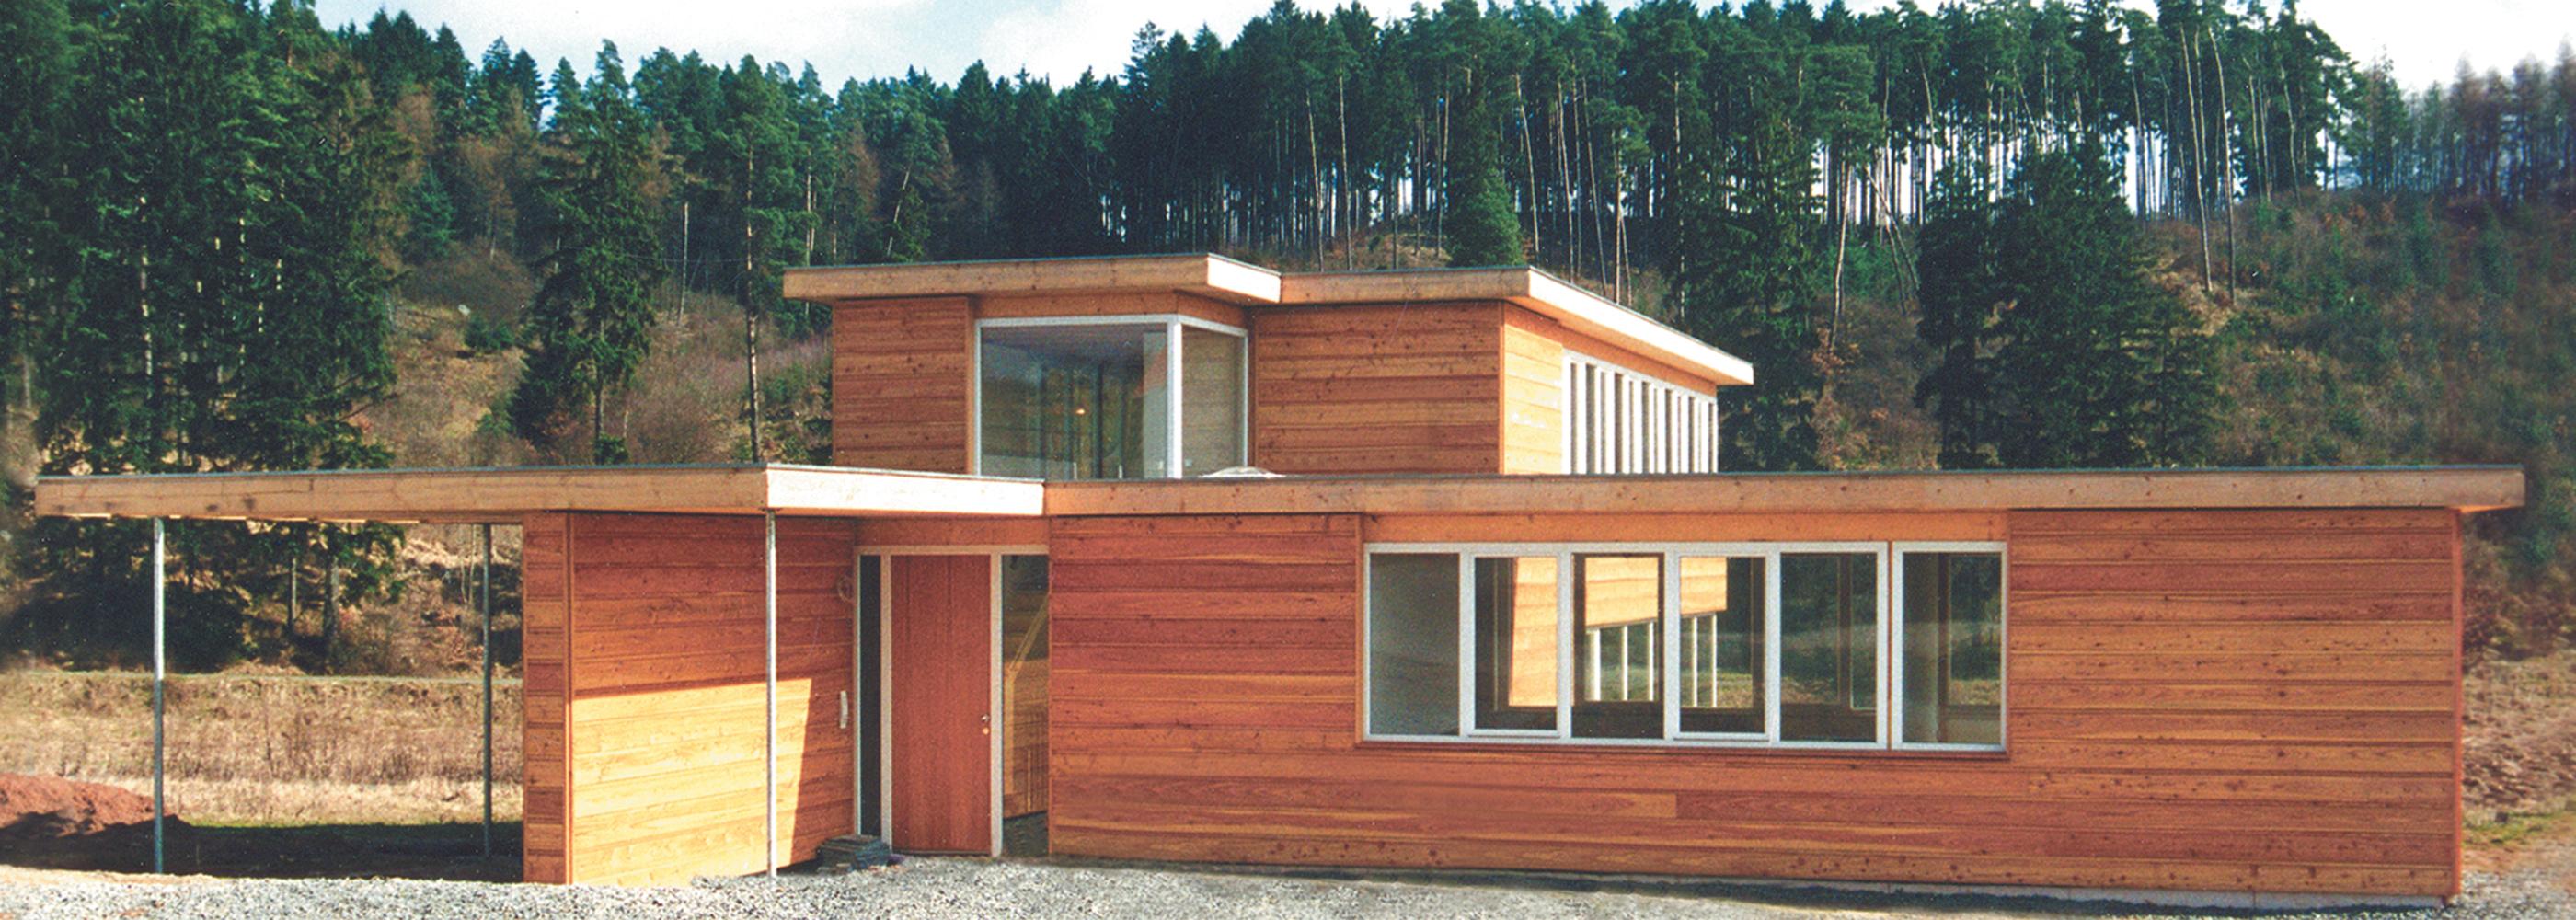 Haus L - Ansicht